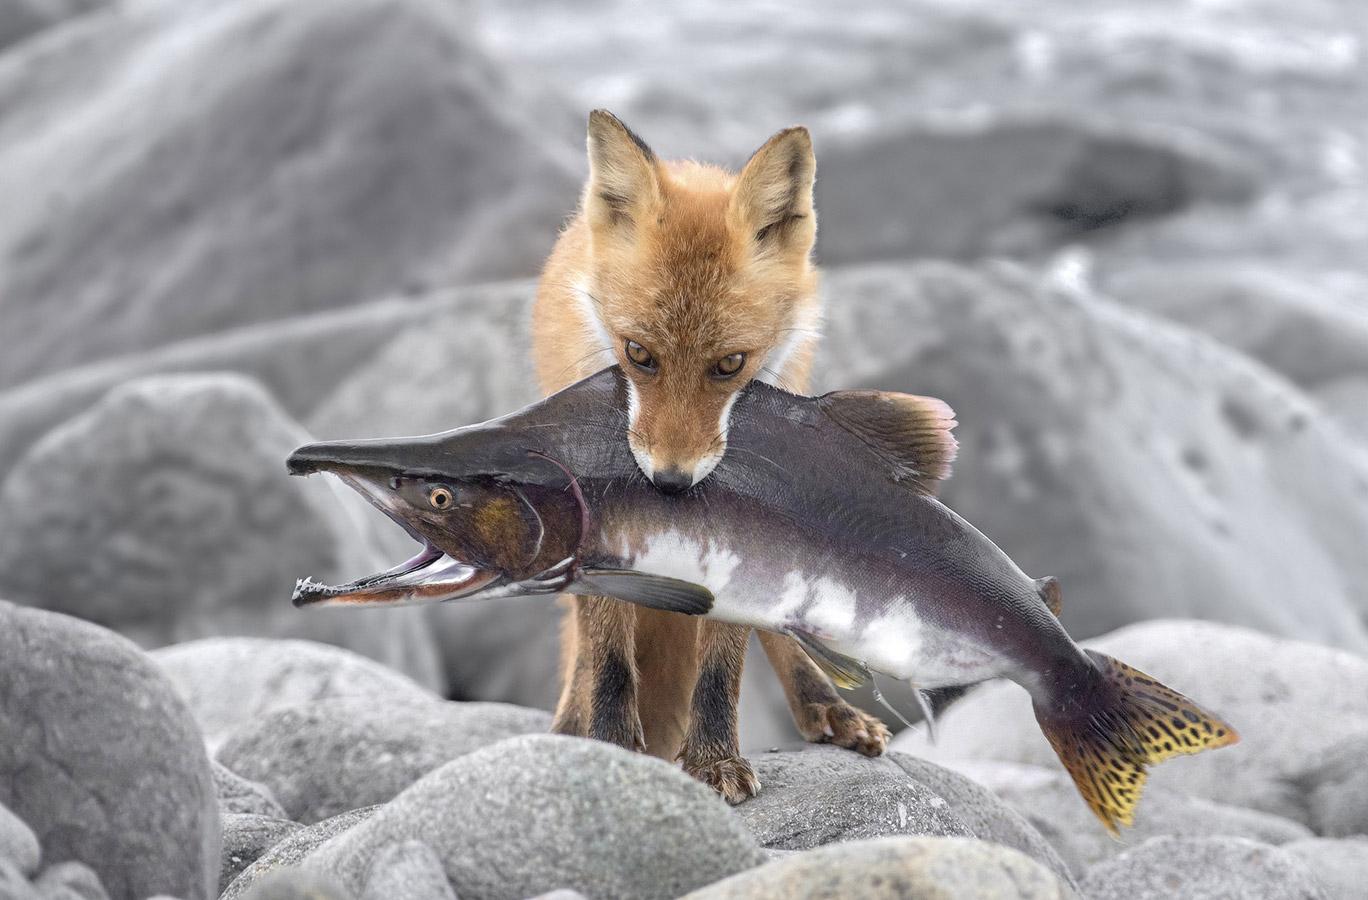 Синдзи Сато / Shinji Sato, Япония, Почётная оценка в категории «Дикая природа», Фотоконкурс «Лучшая природная фотография Азии» — Nature's Best Photography Asia